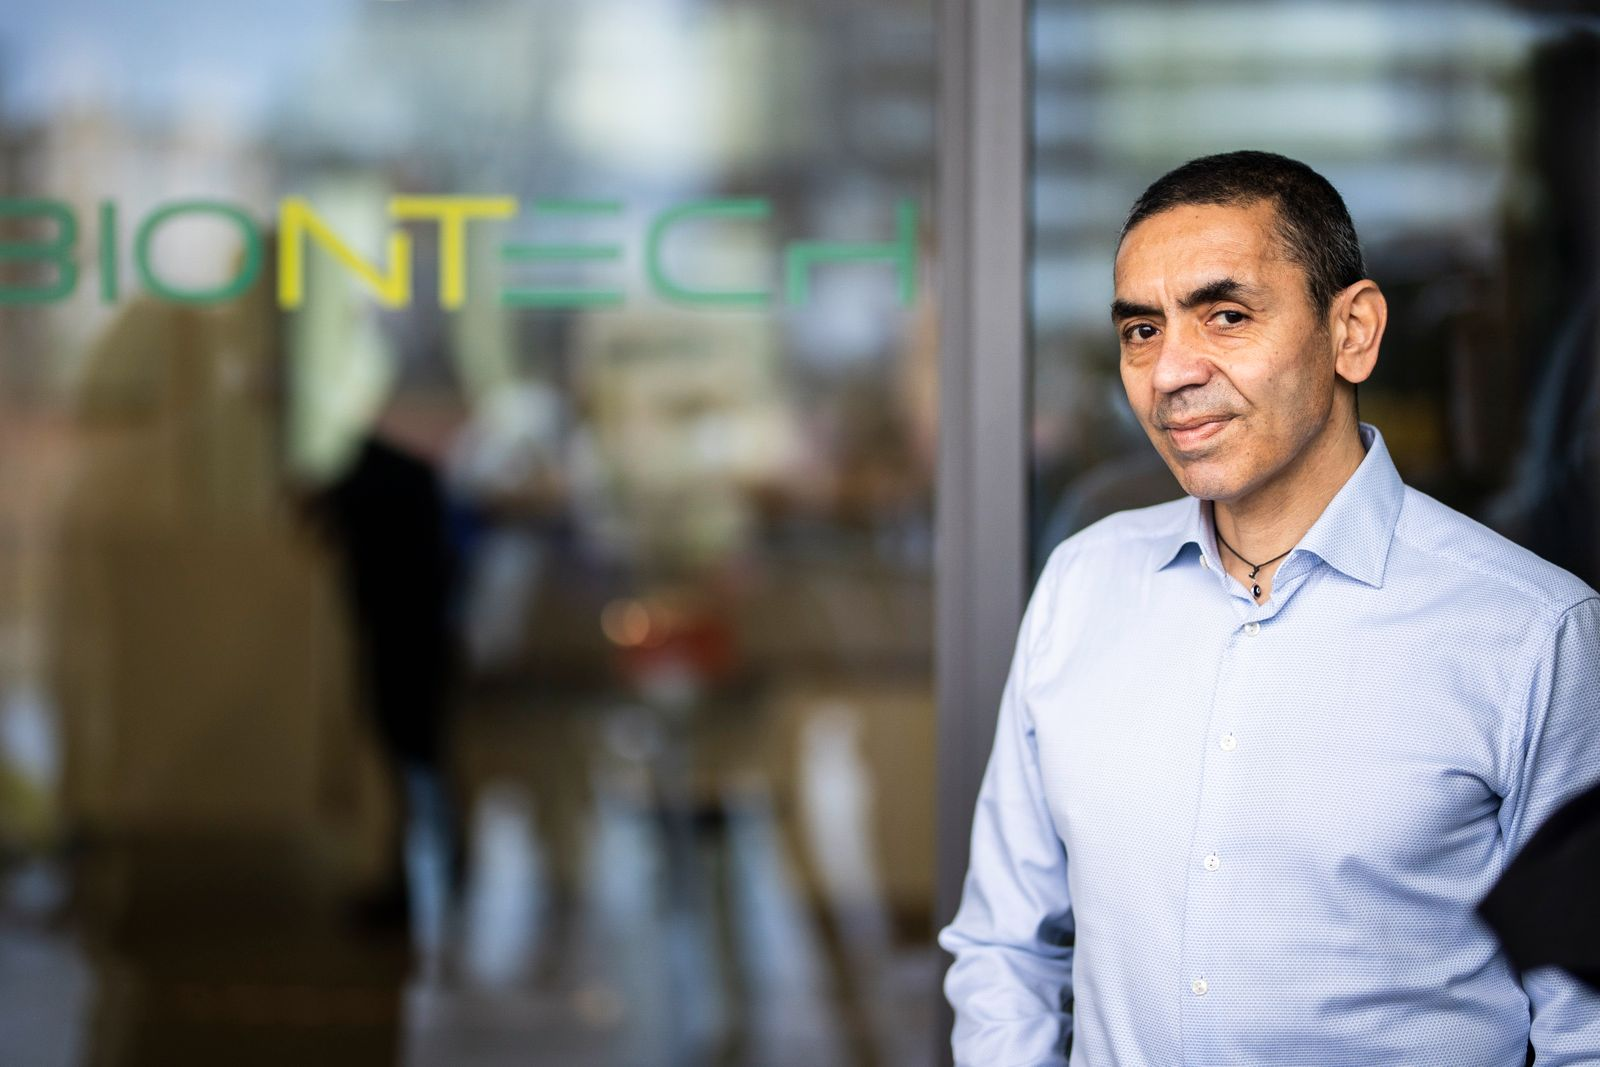 Chairman of Biontech Ugur Sahin